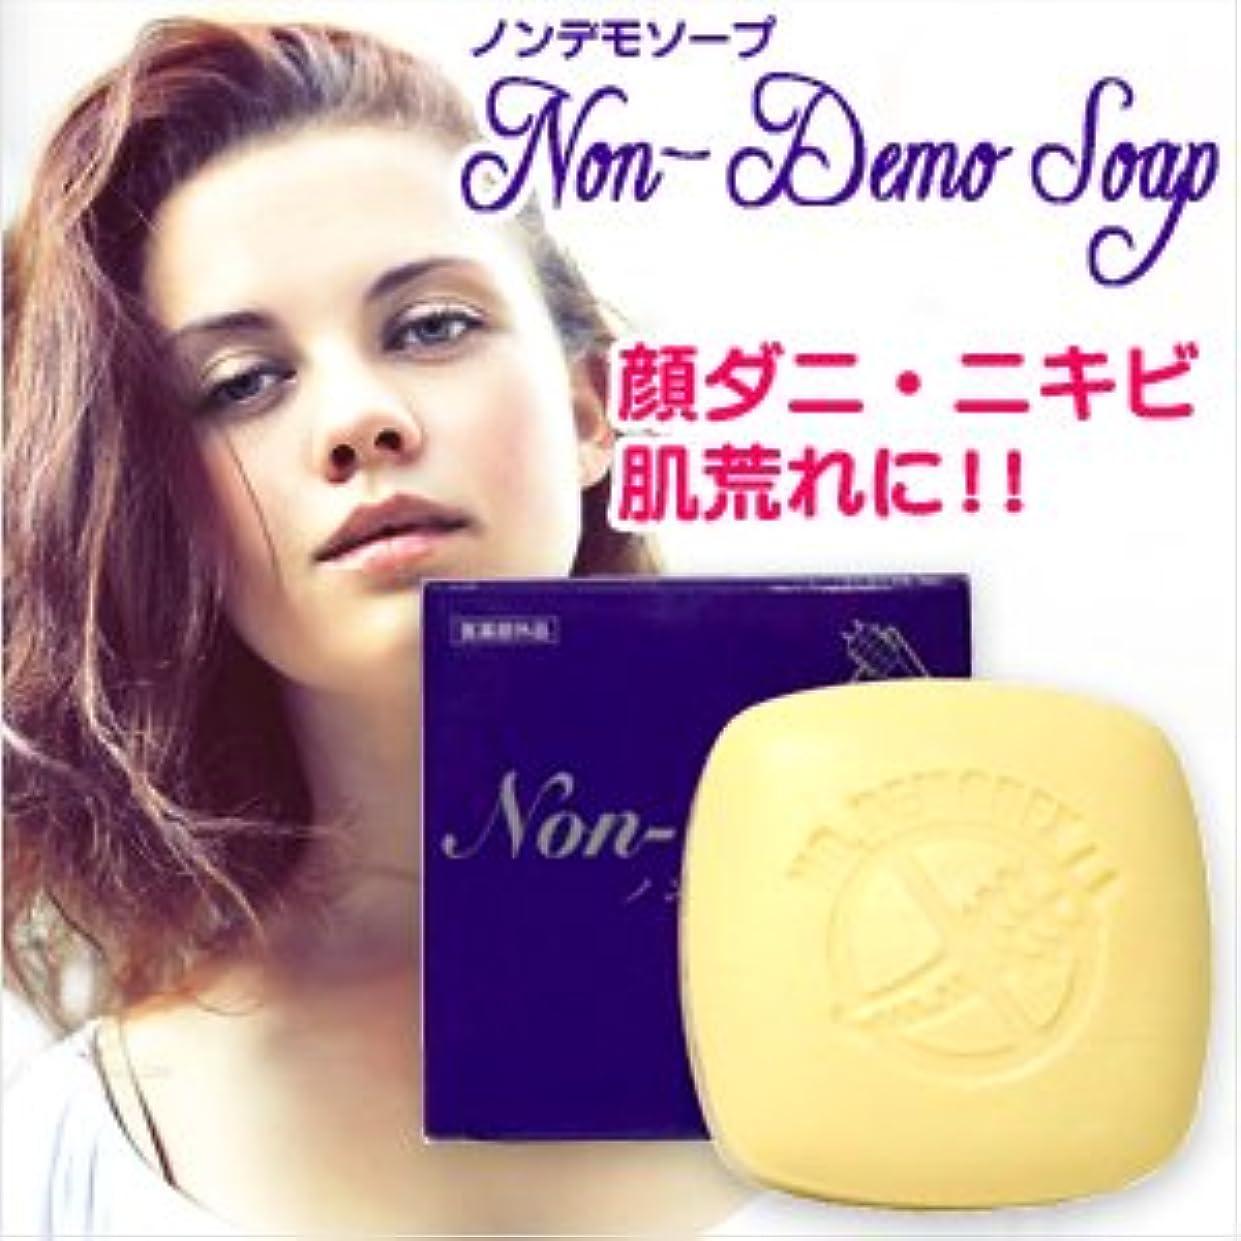 突っ込む顕著驚かす(医薬部外品) 顔ダニ石鹸 ノンデモソープ (Non-Demo Soap) 130g